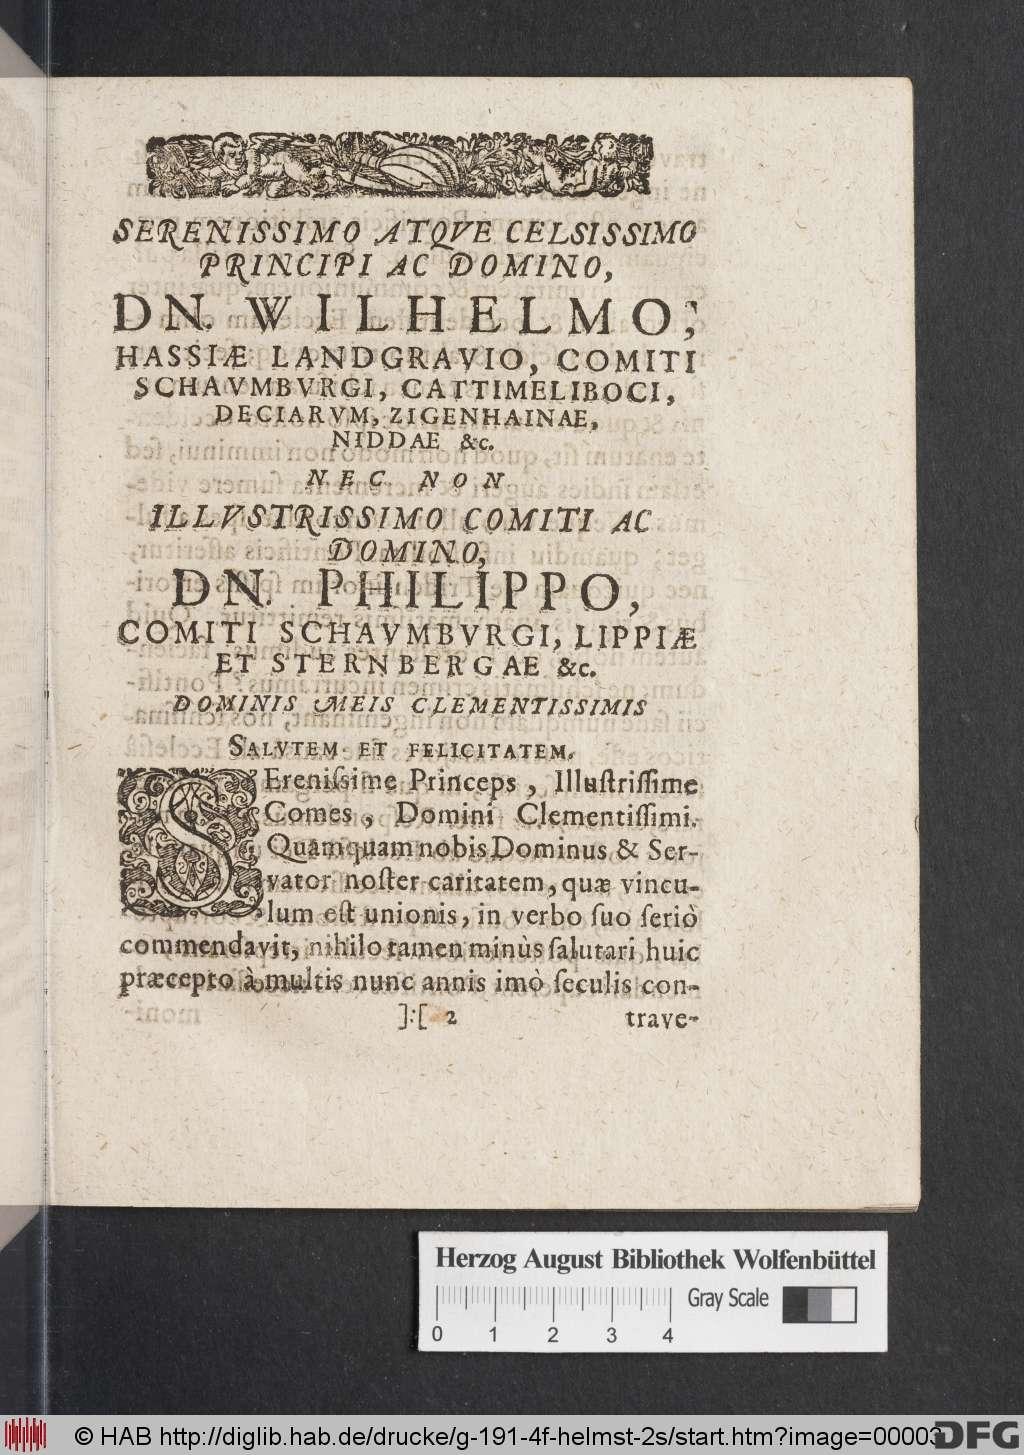 http://diglib.hab.de/drucke/g-191-4f-helmst-2s/00003.jpg